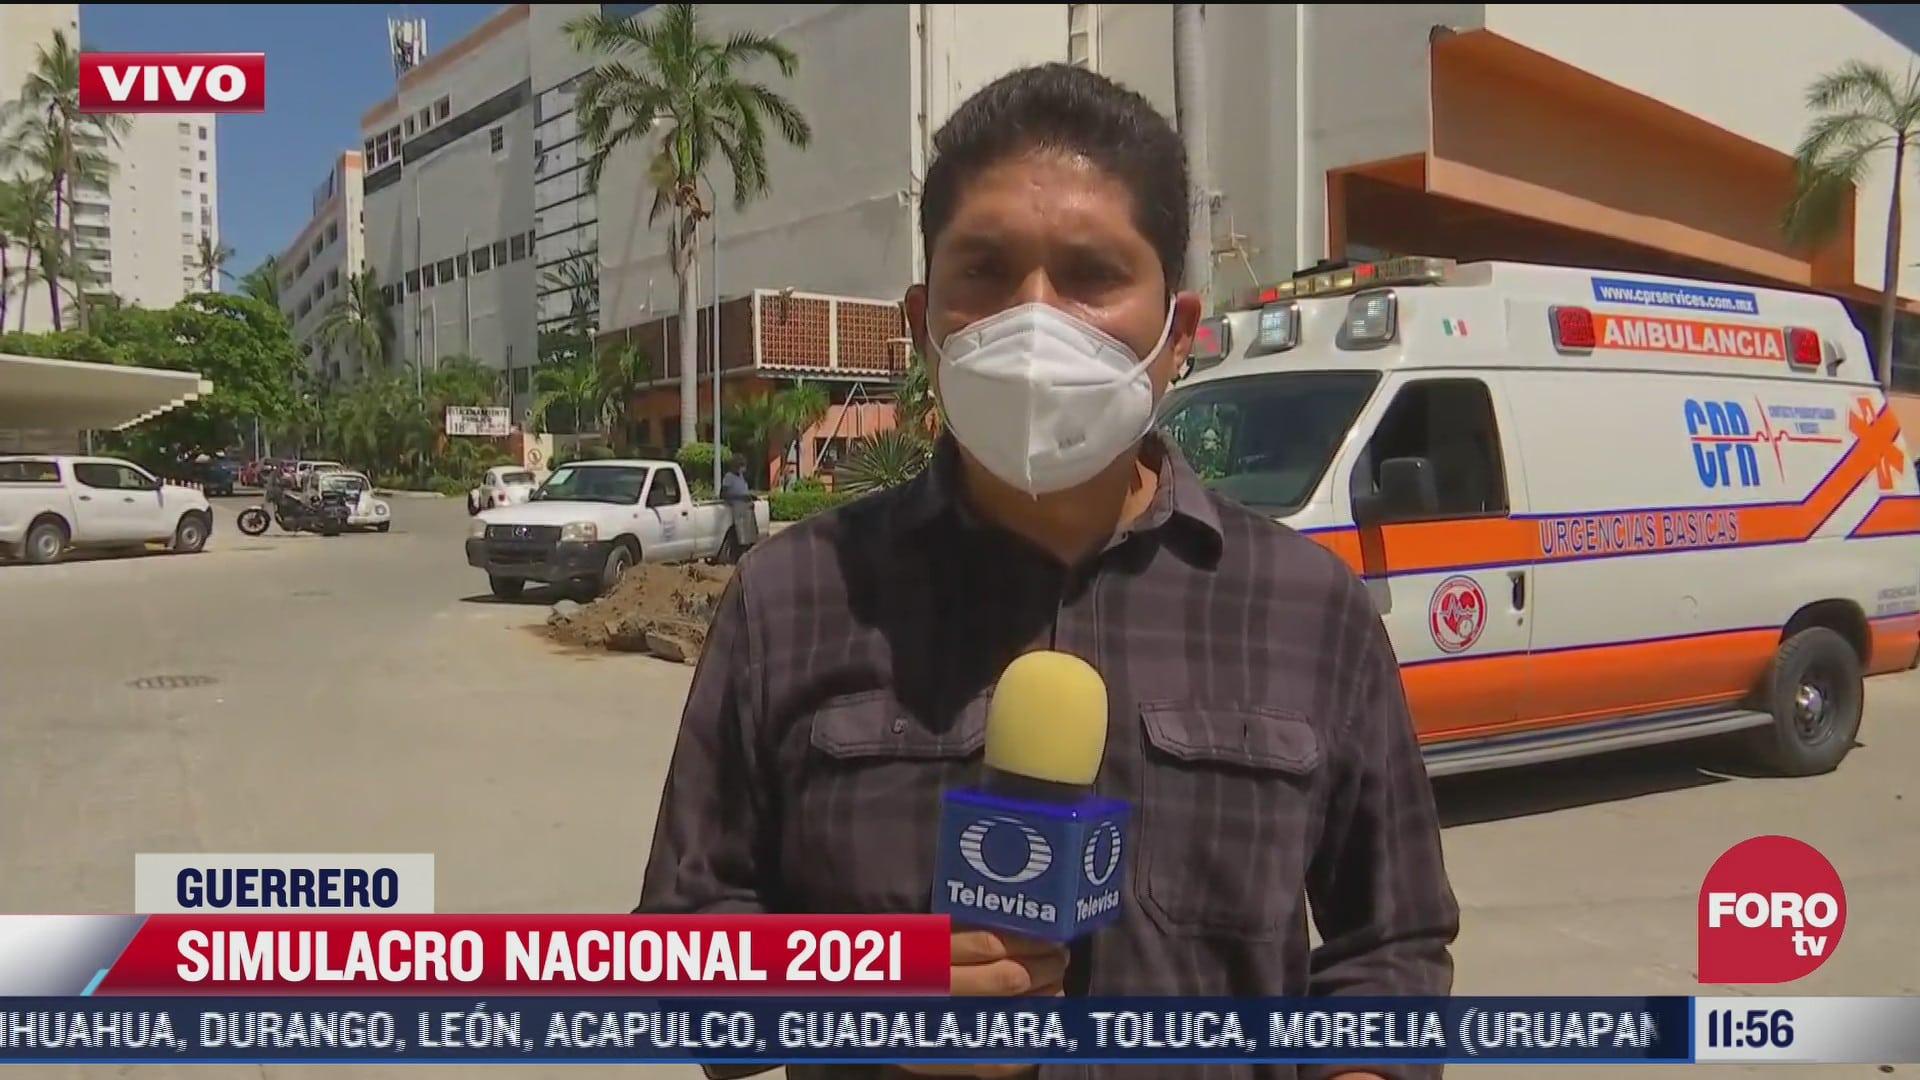 evacuan hoteles de acapulco durante simulacro nacional